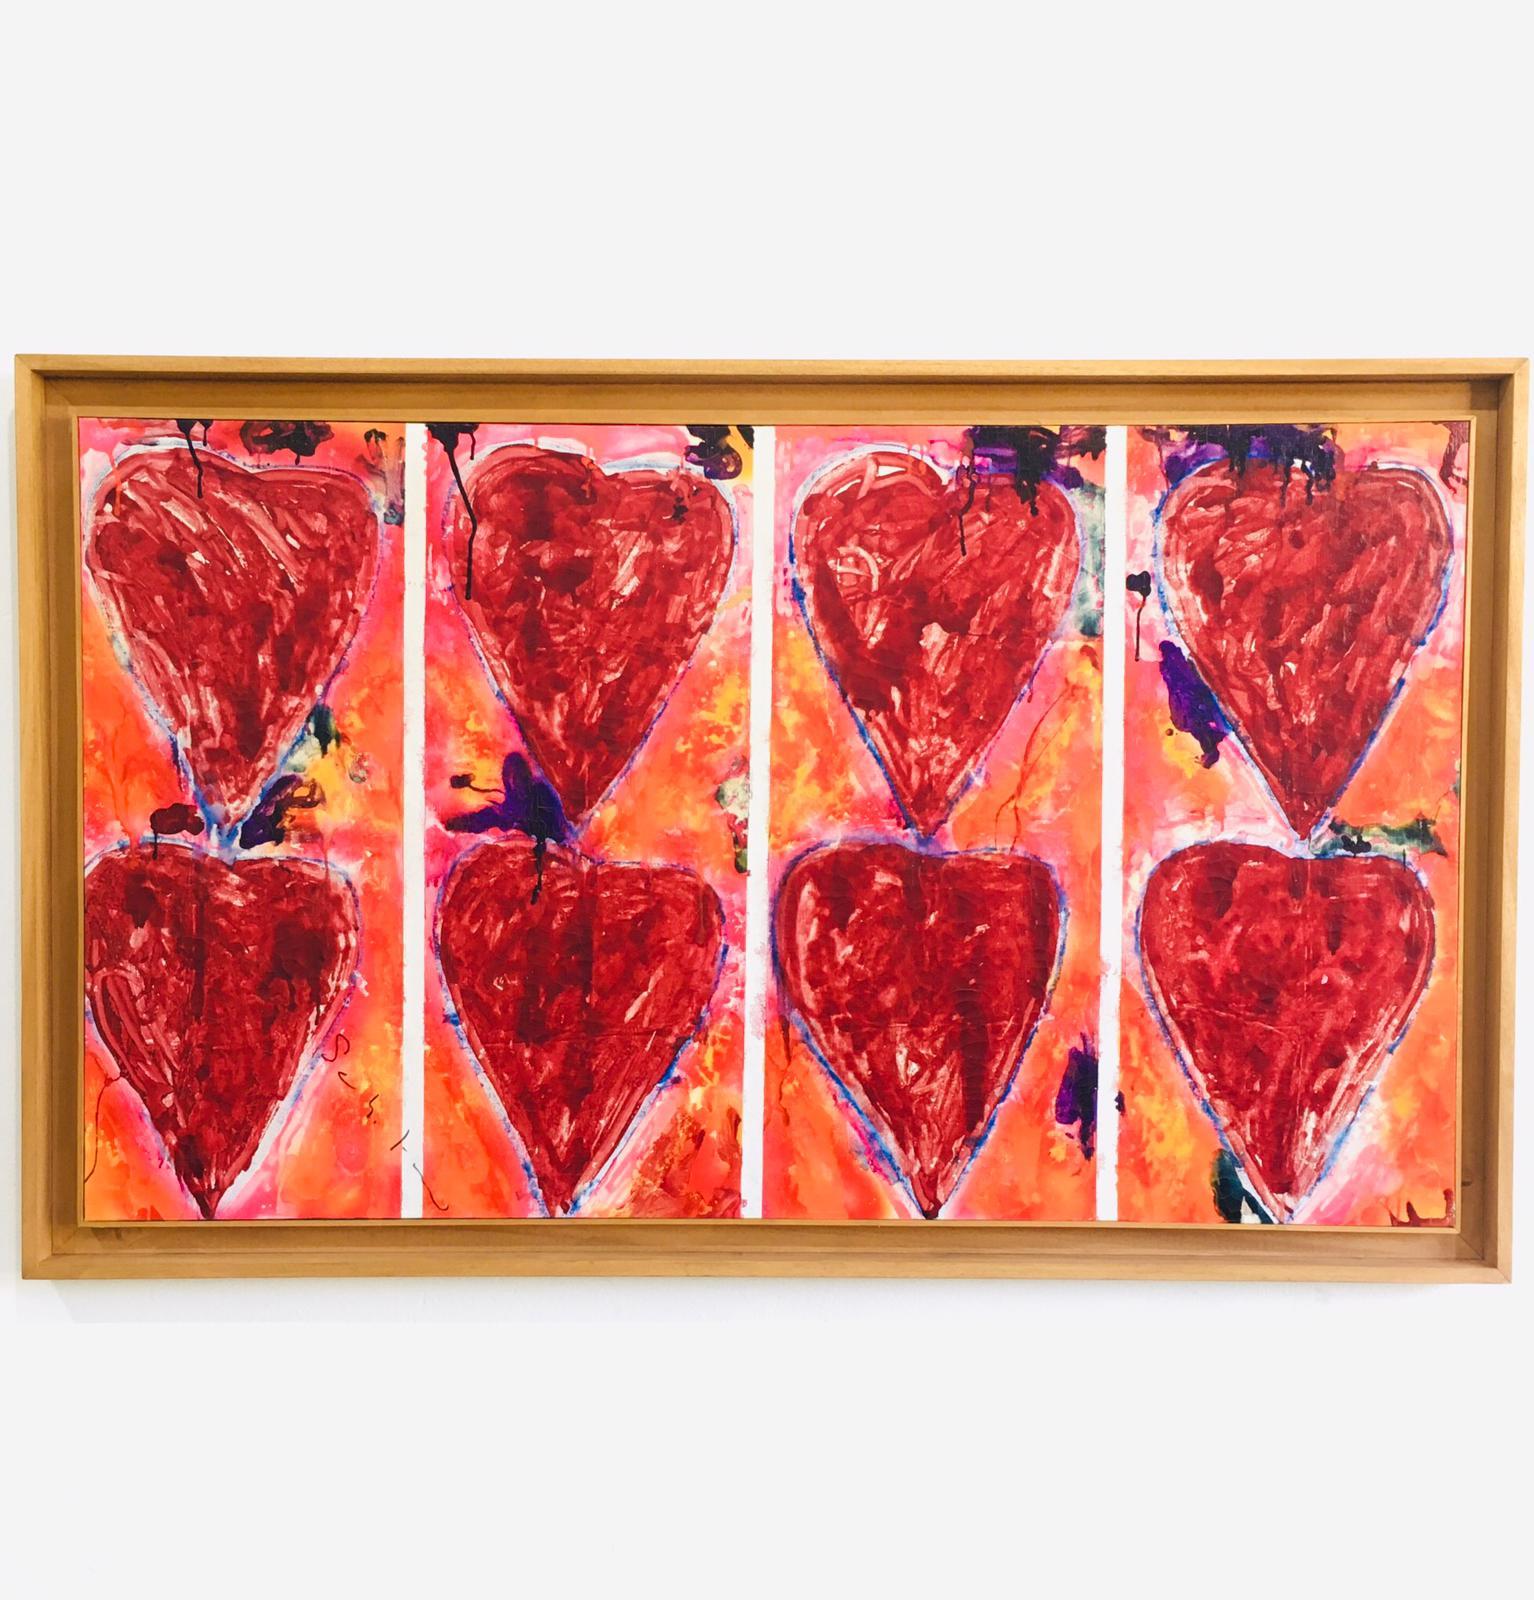 Mario Schifano, Senza titolo (cuori), 1979-81, smalto e pastello su tela, cm 95x169